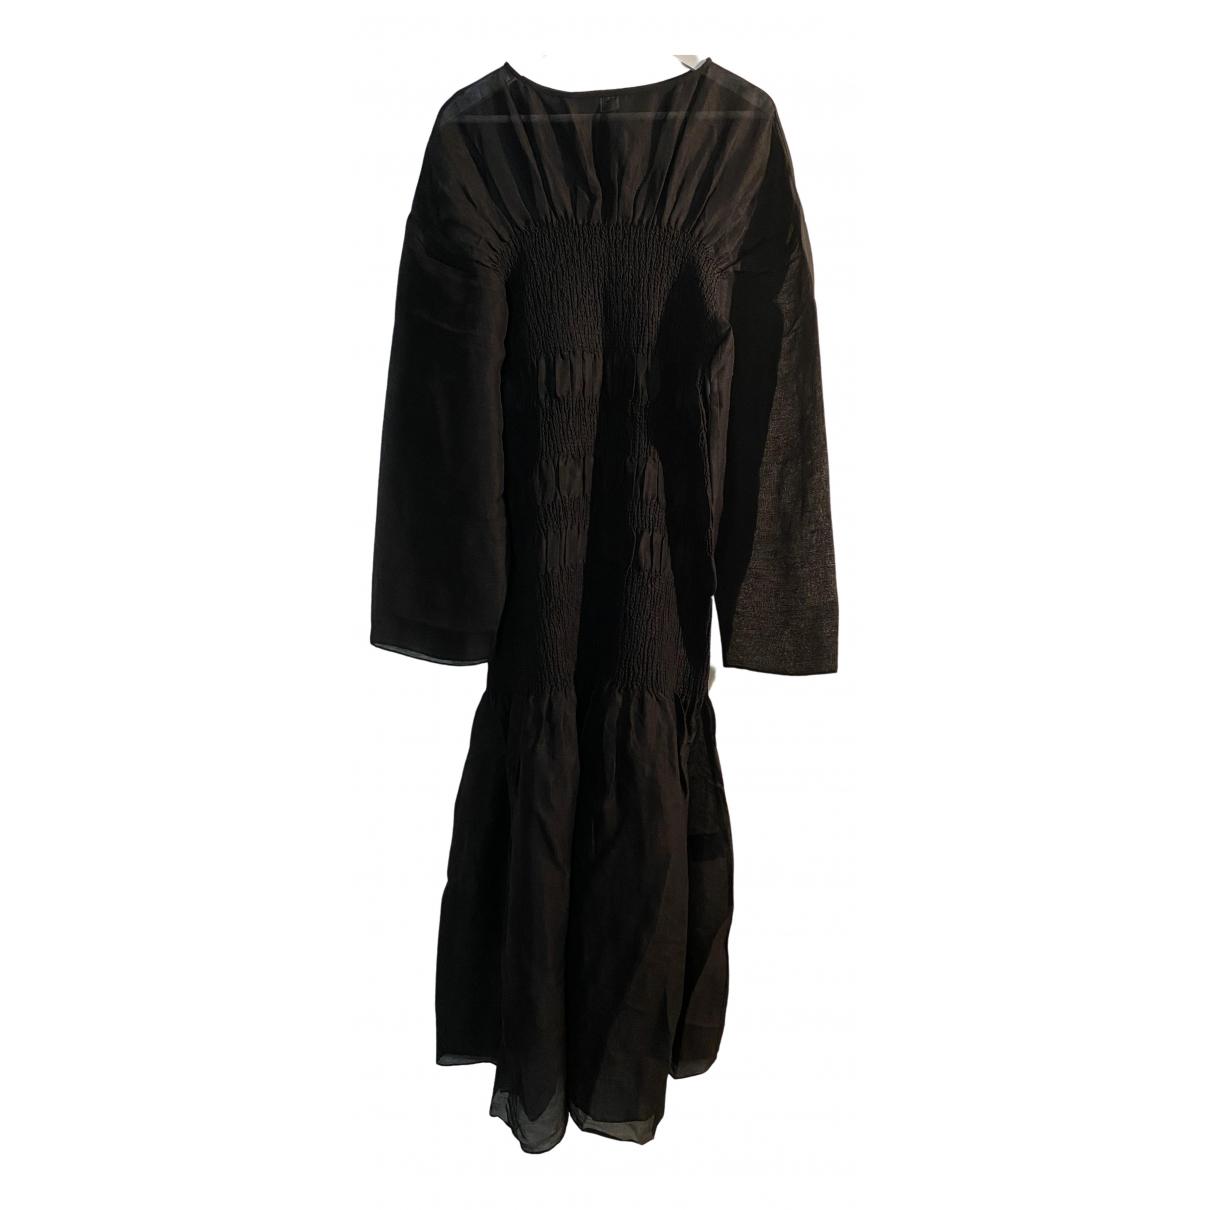 Toteme \N Kleid in  Schwarz Leinen